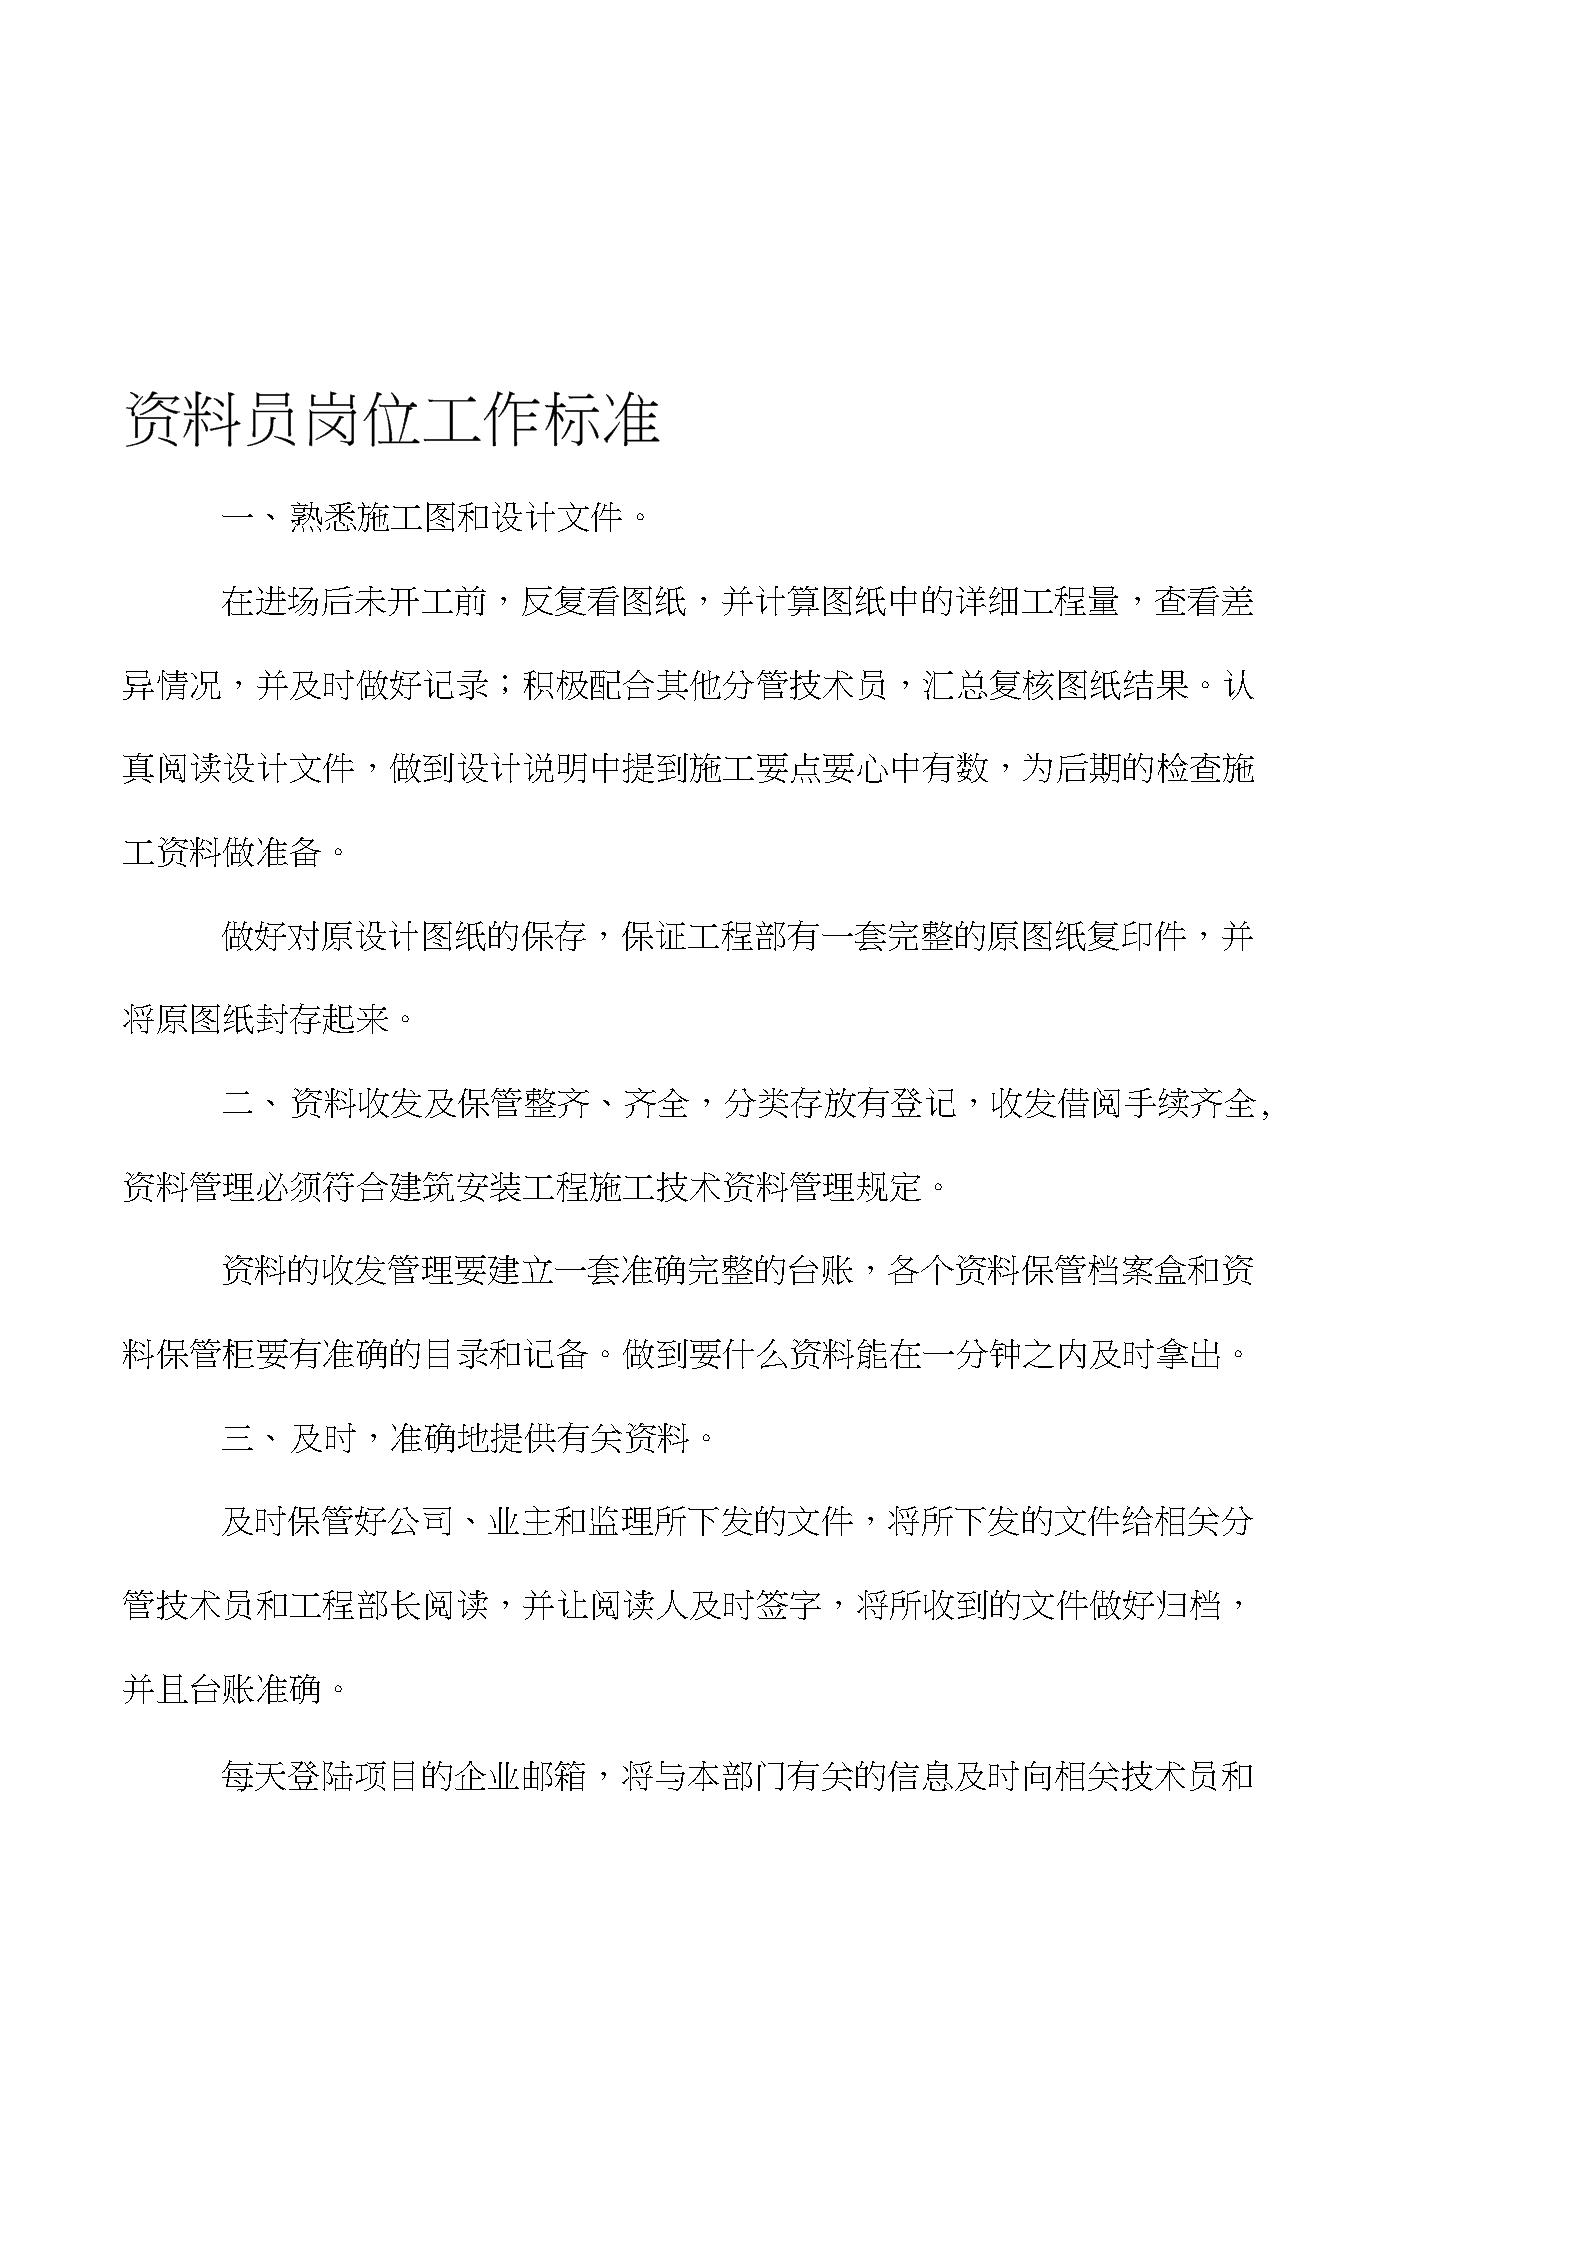 工程部管理制度(20200701150742).docx